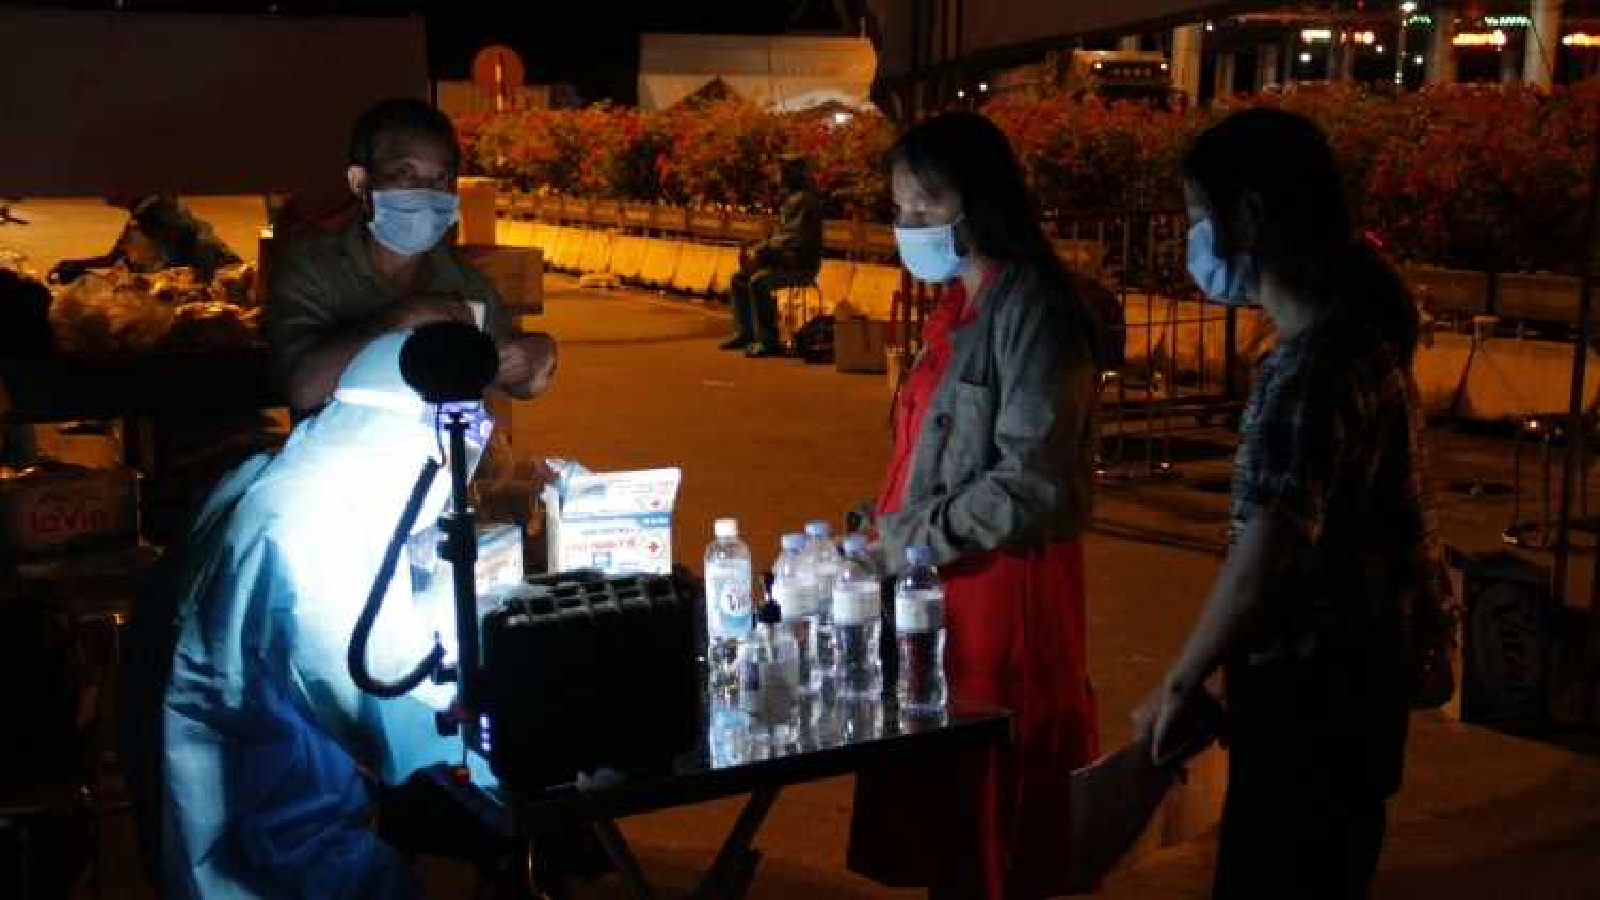 Nam thanh niên chạy xe máy từ Bình Dương về đến Nghệ An được xác định dương tính